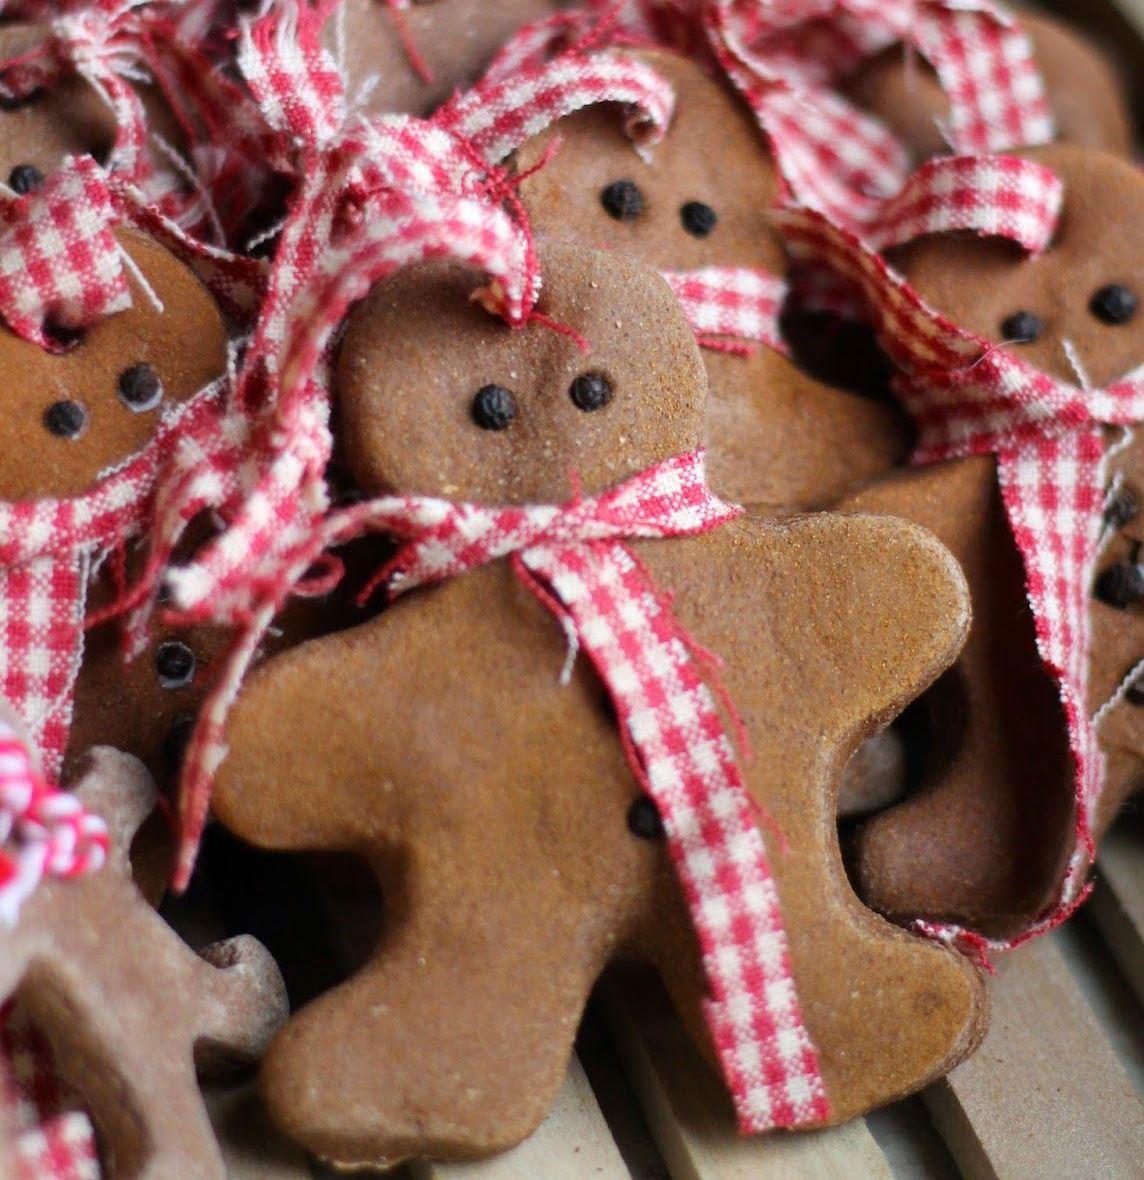 galletas con canela en forma de muñequitos de jengibre, adornos navideños caseros super bonitos